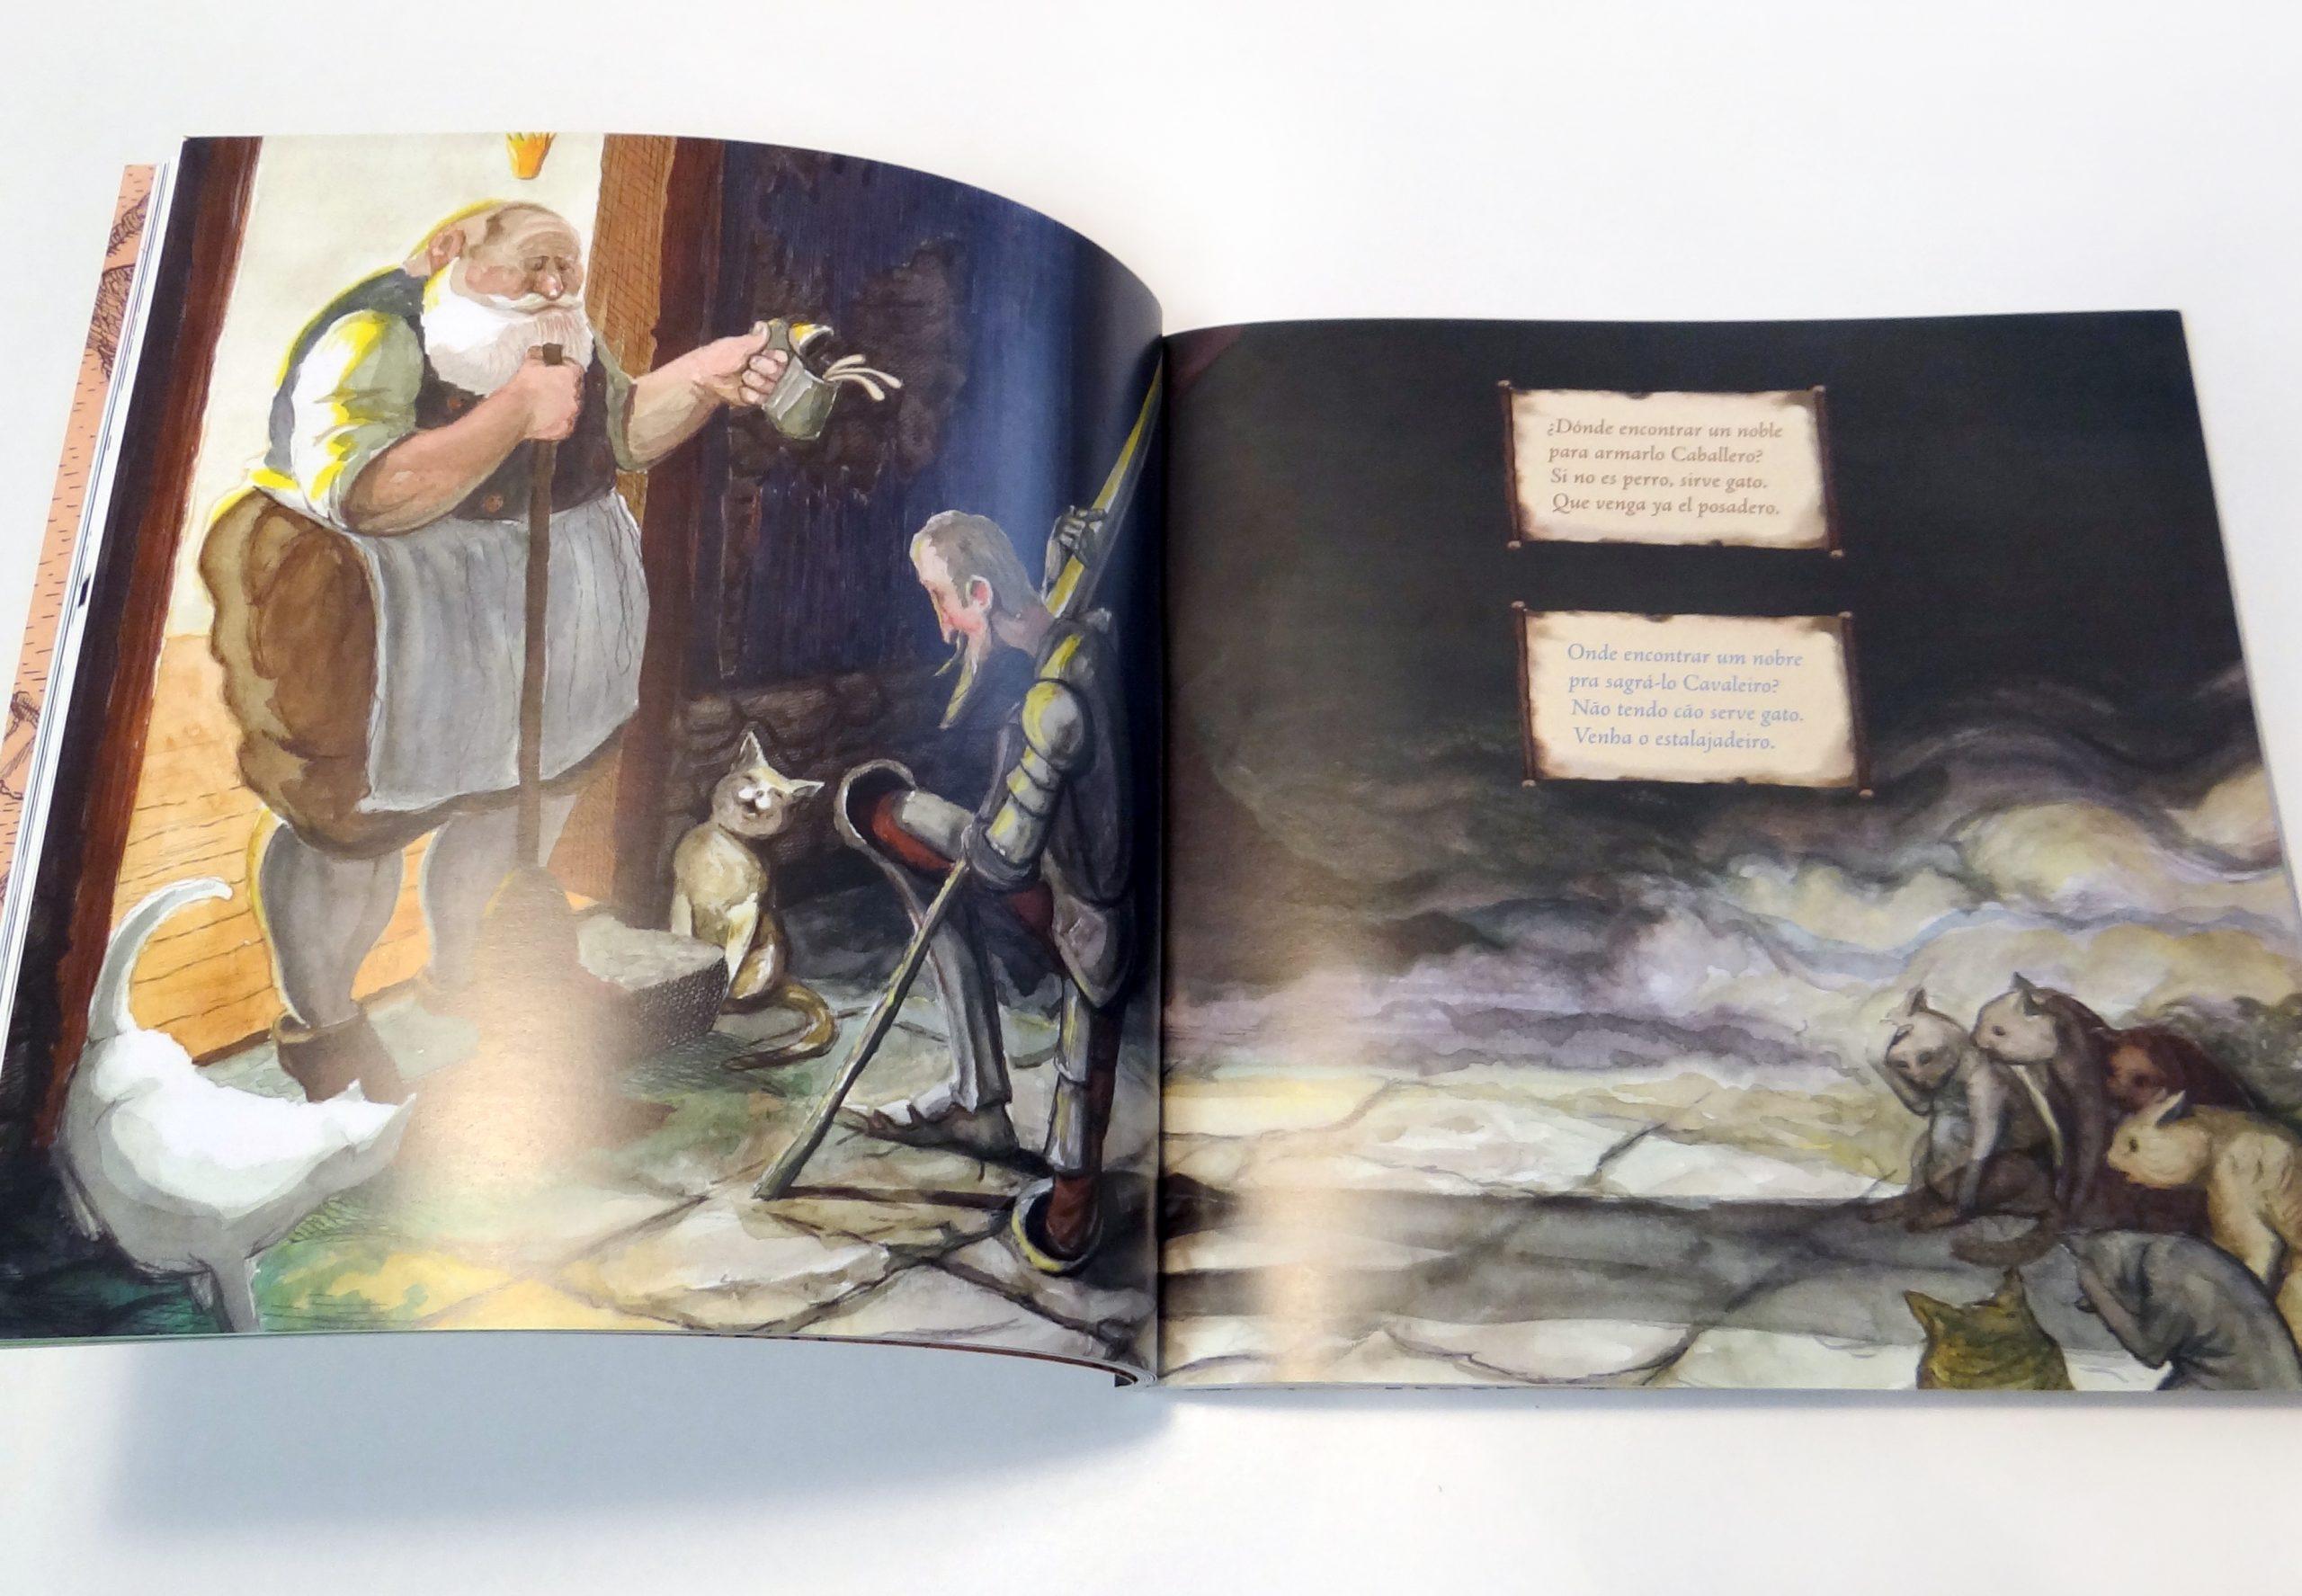 Lançada obra Don Quixote em espanhol